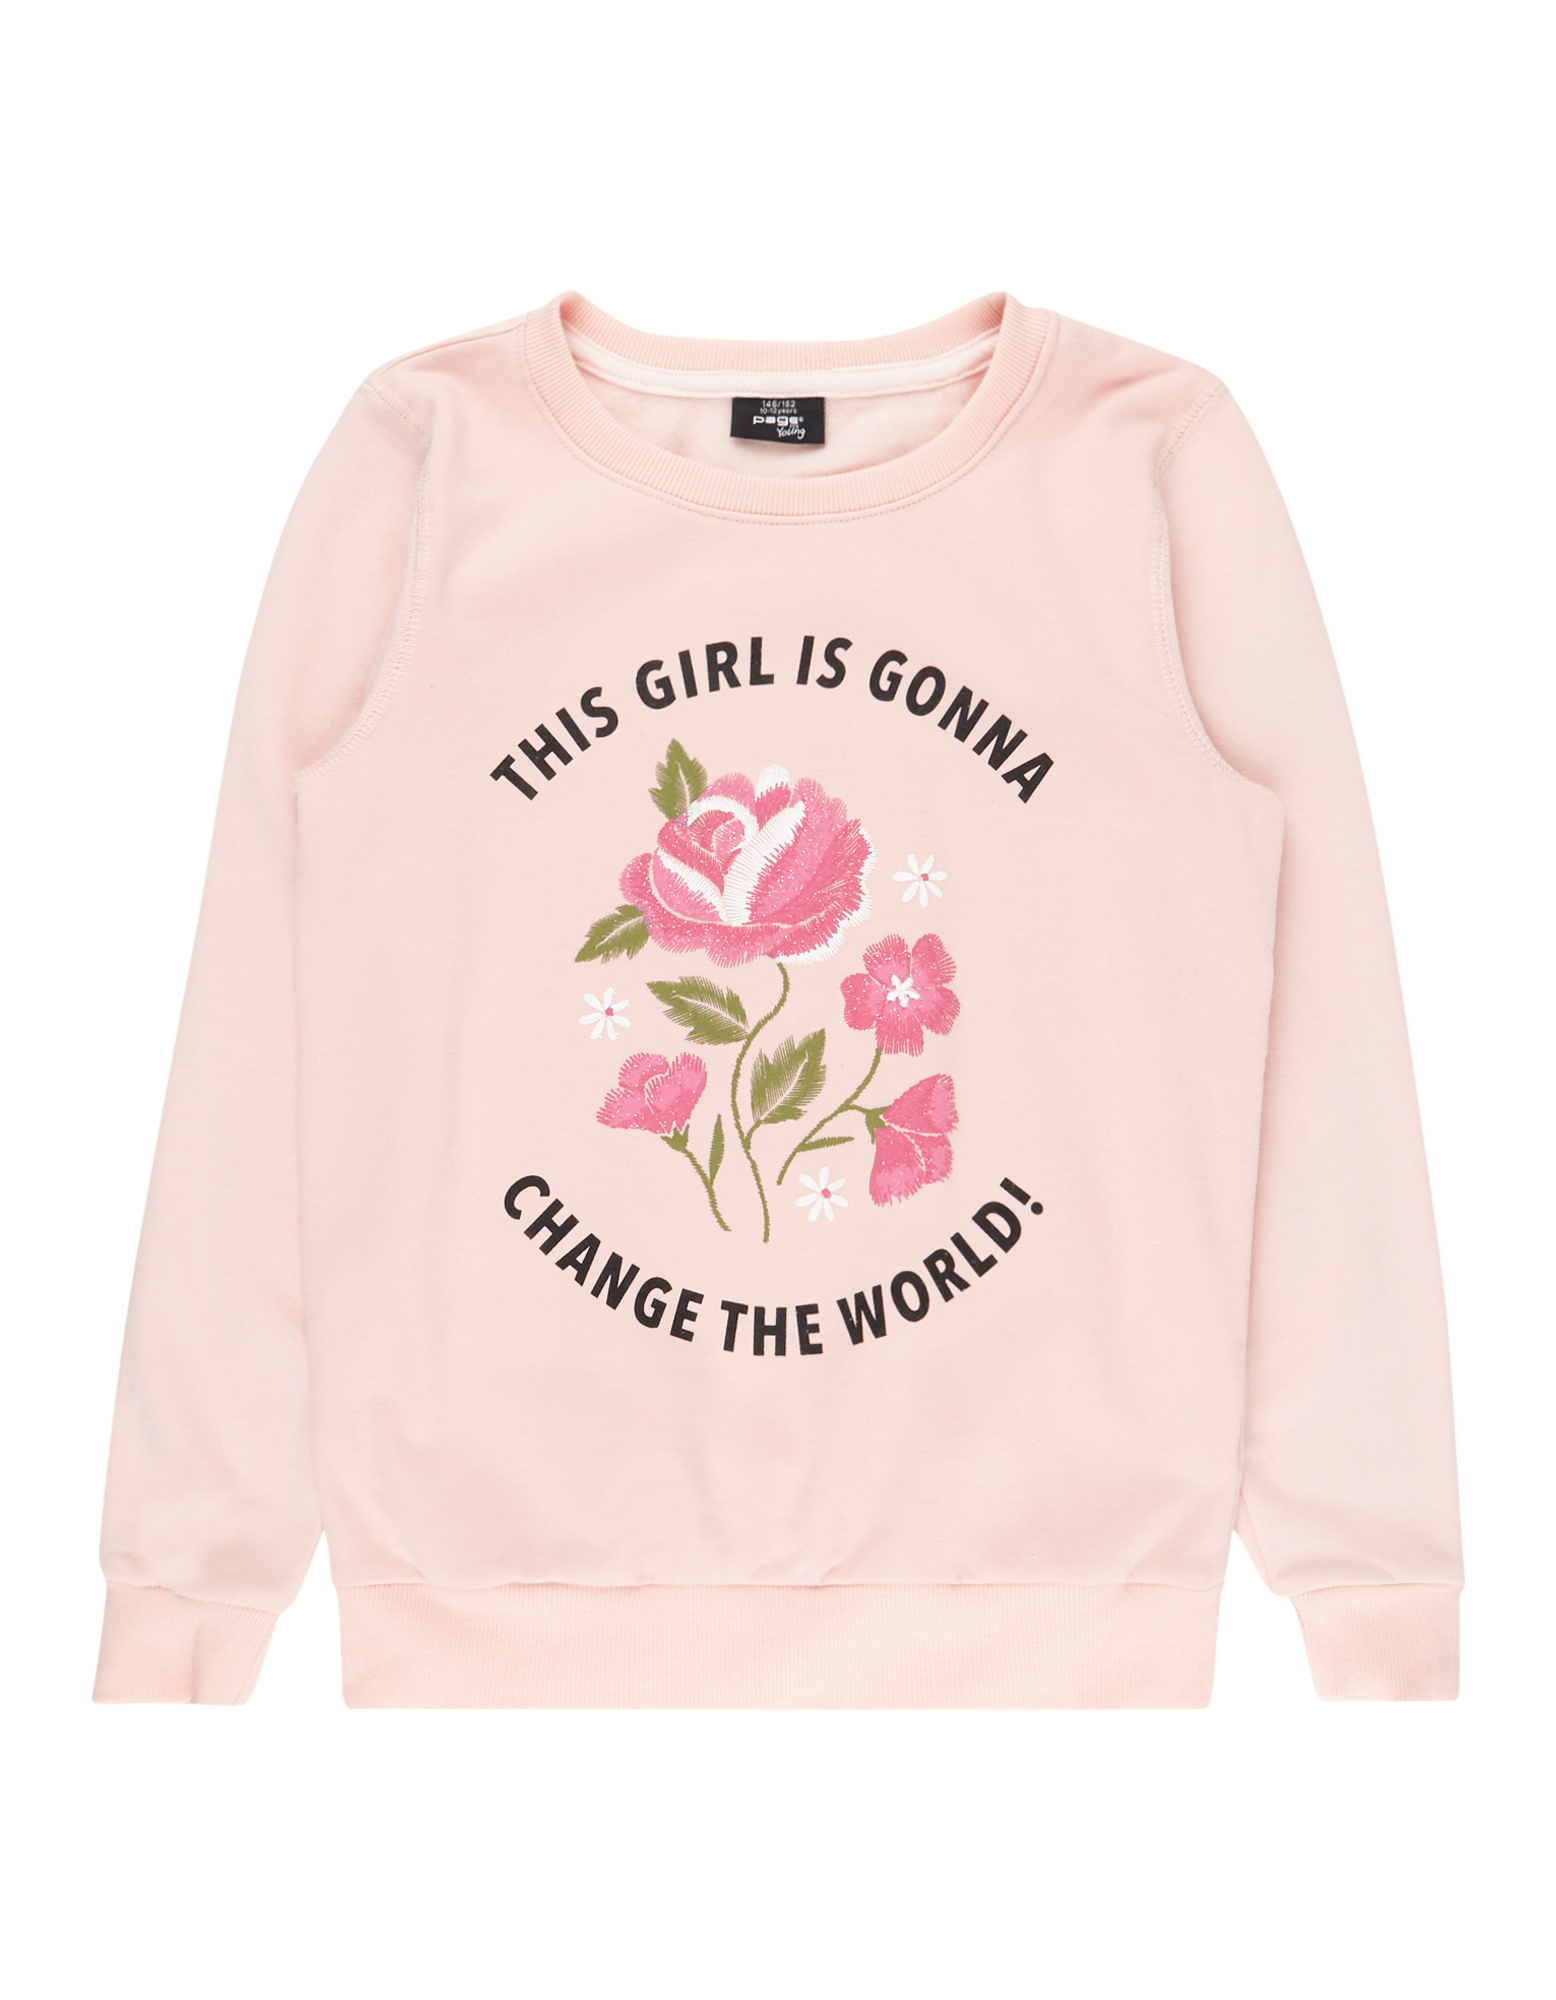 Mädchen Sweatshirt mit Print und Message  | 81486274220200